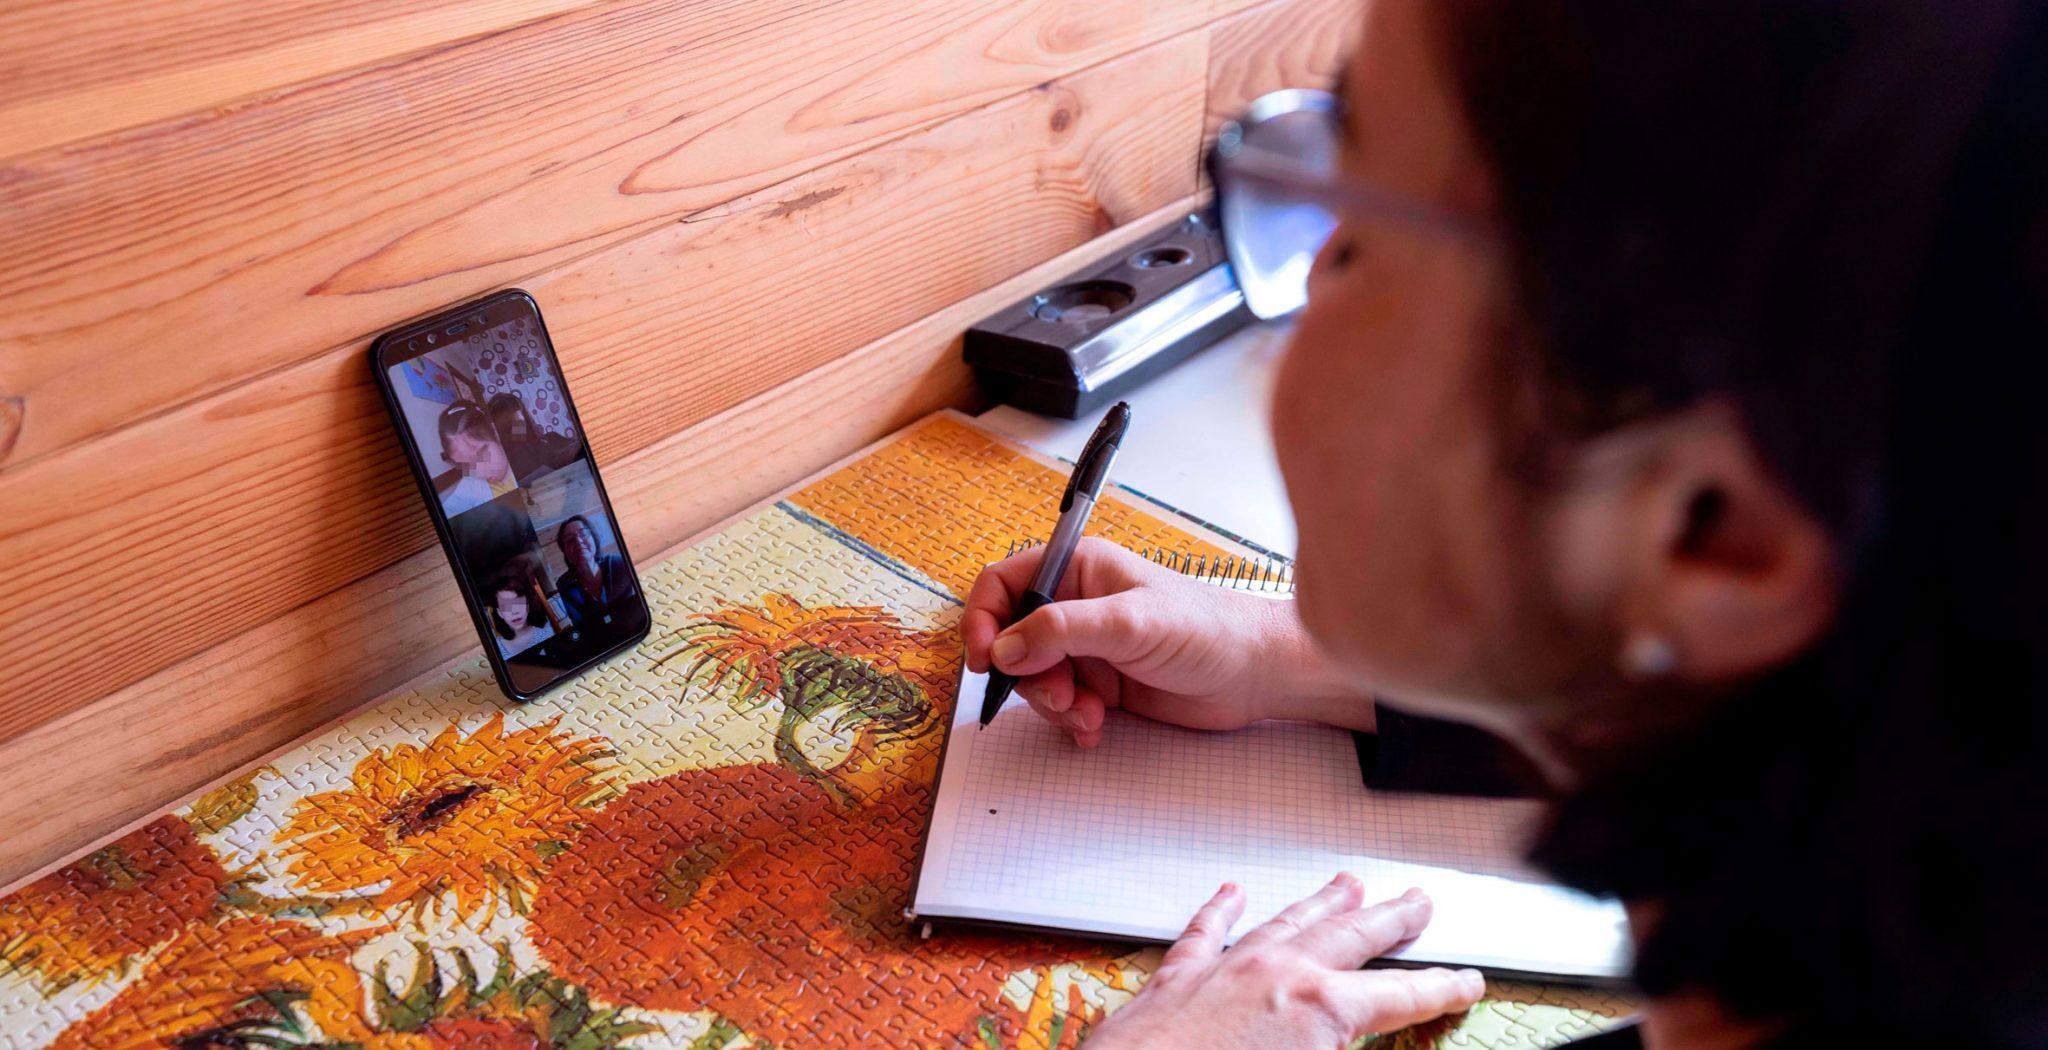 converaciones con móvil, videollamada